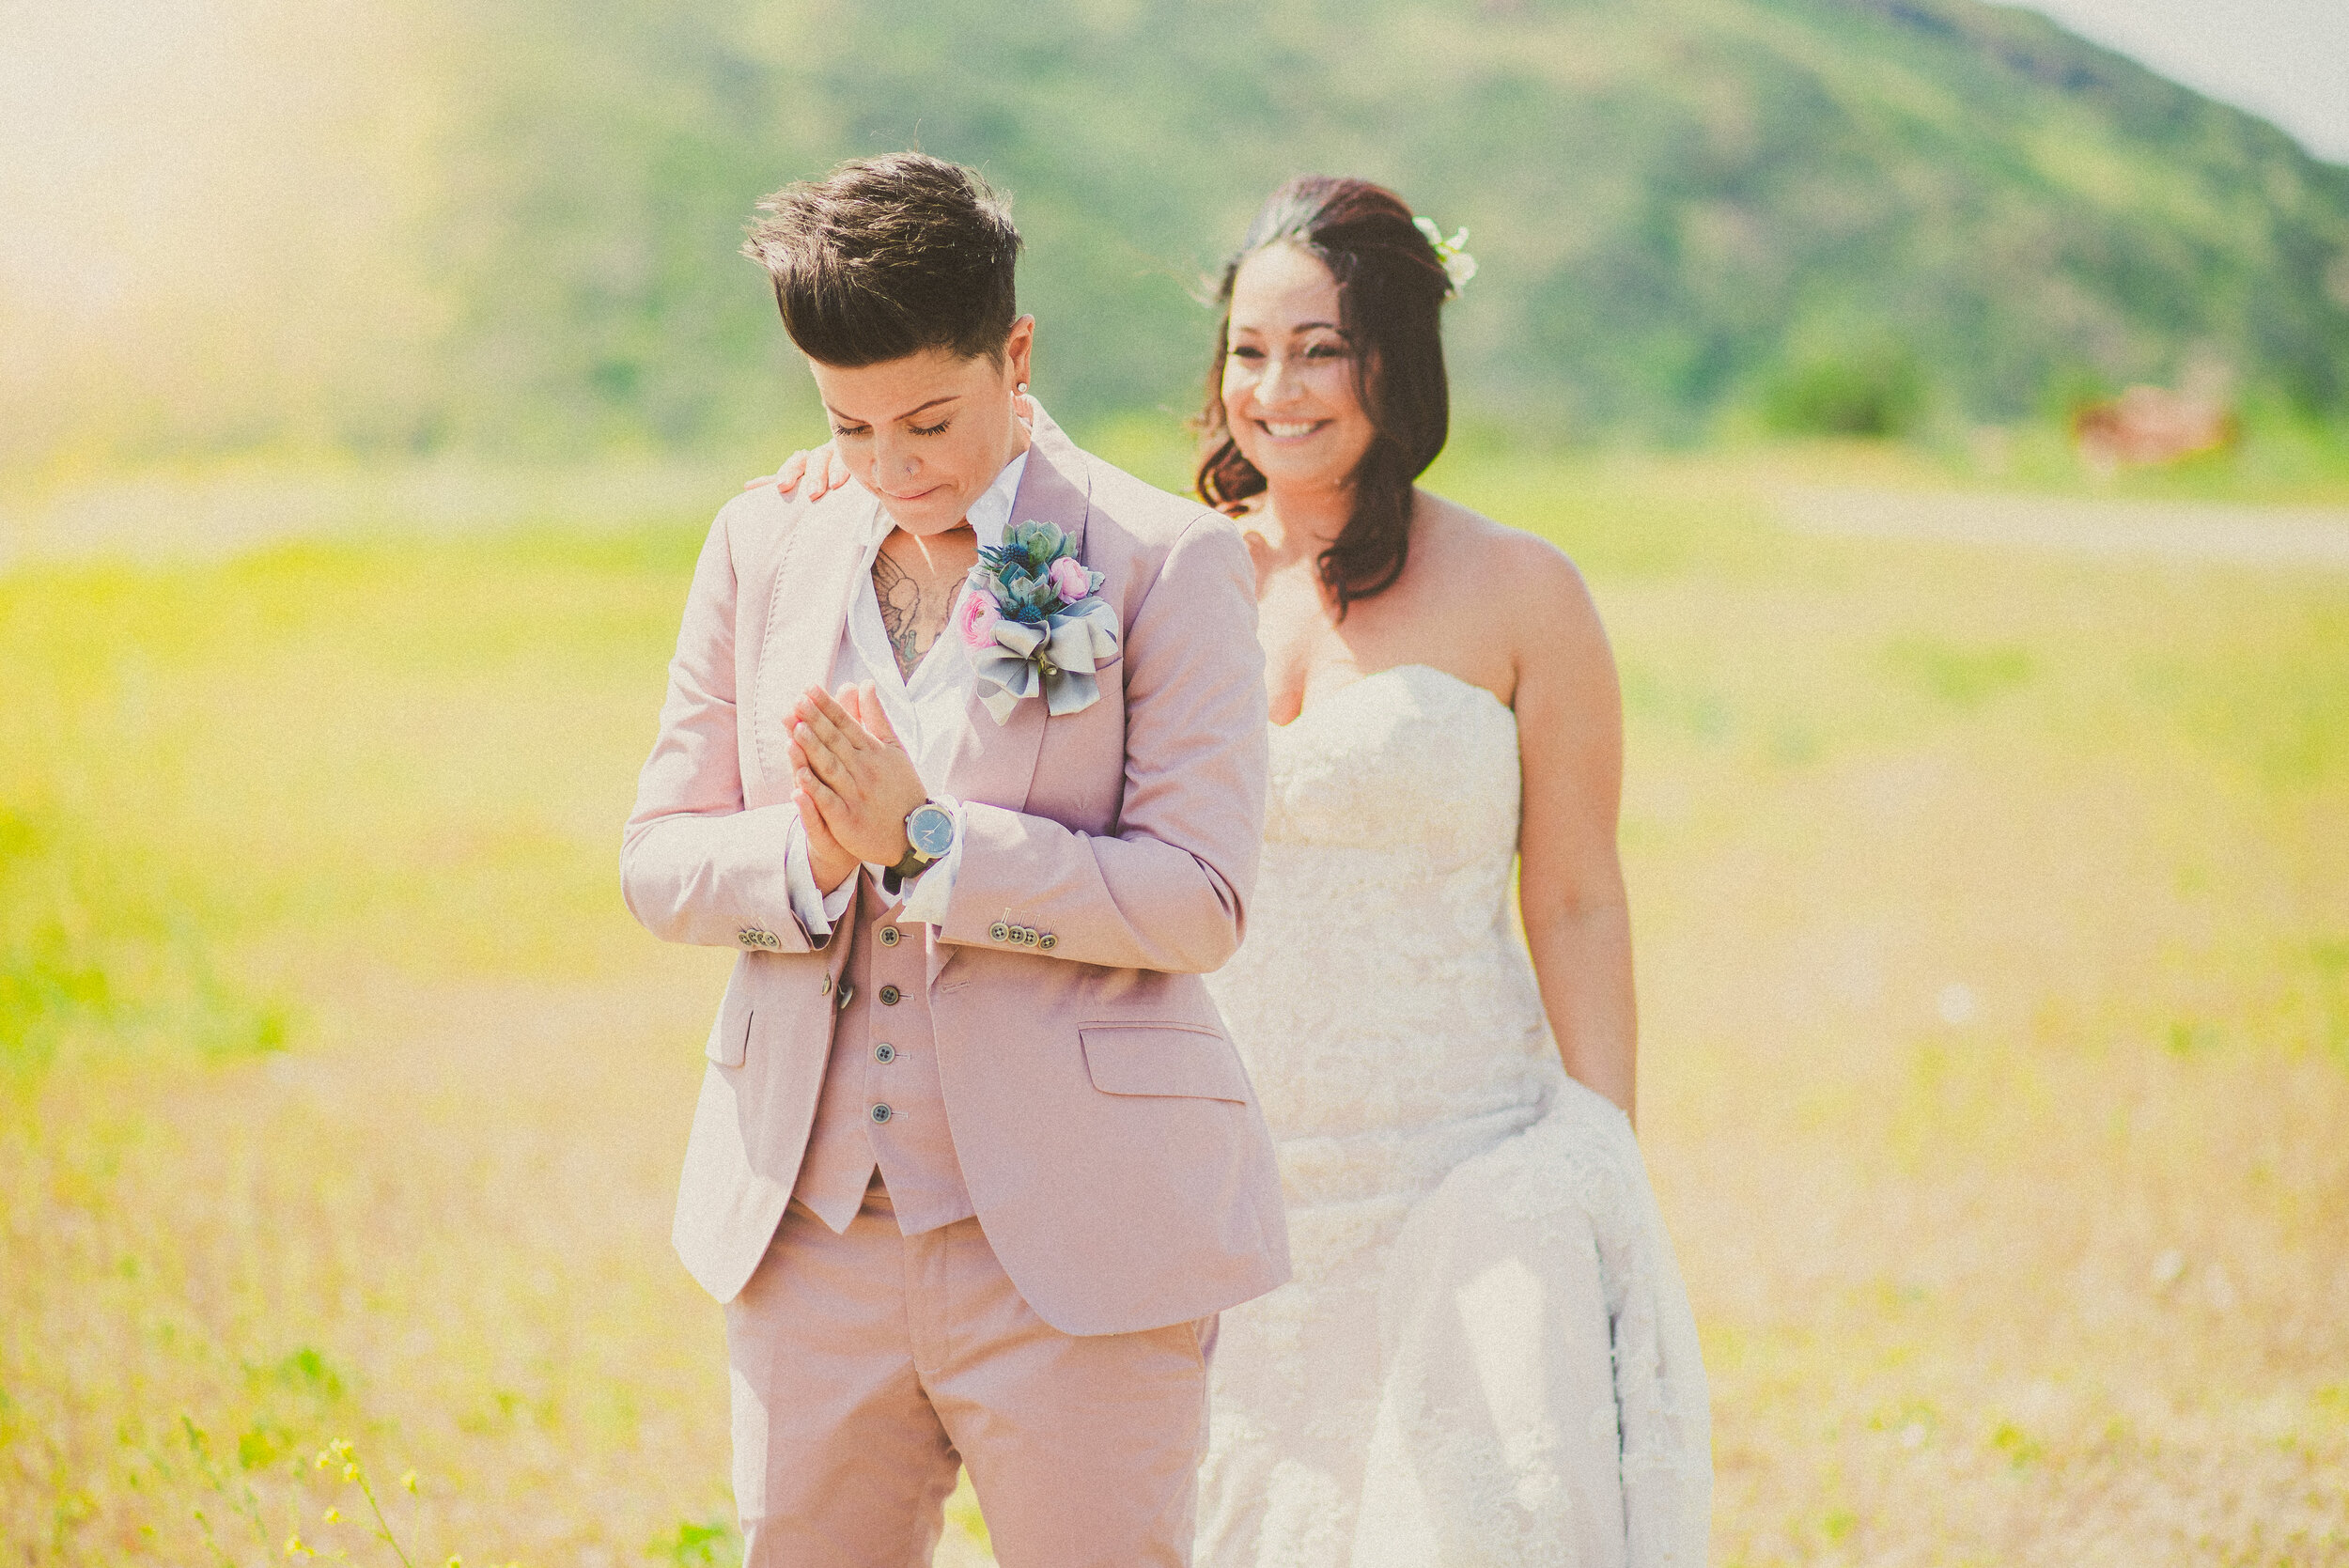 Demiglio Wedding - First Look-4.jpg